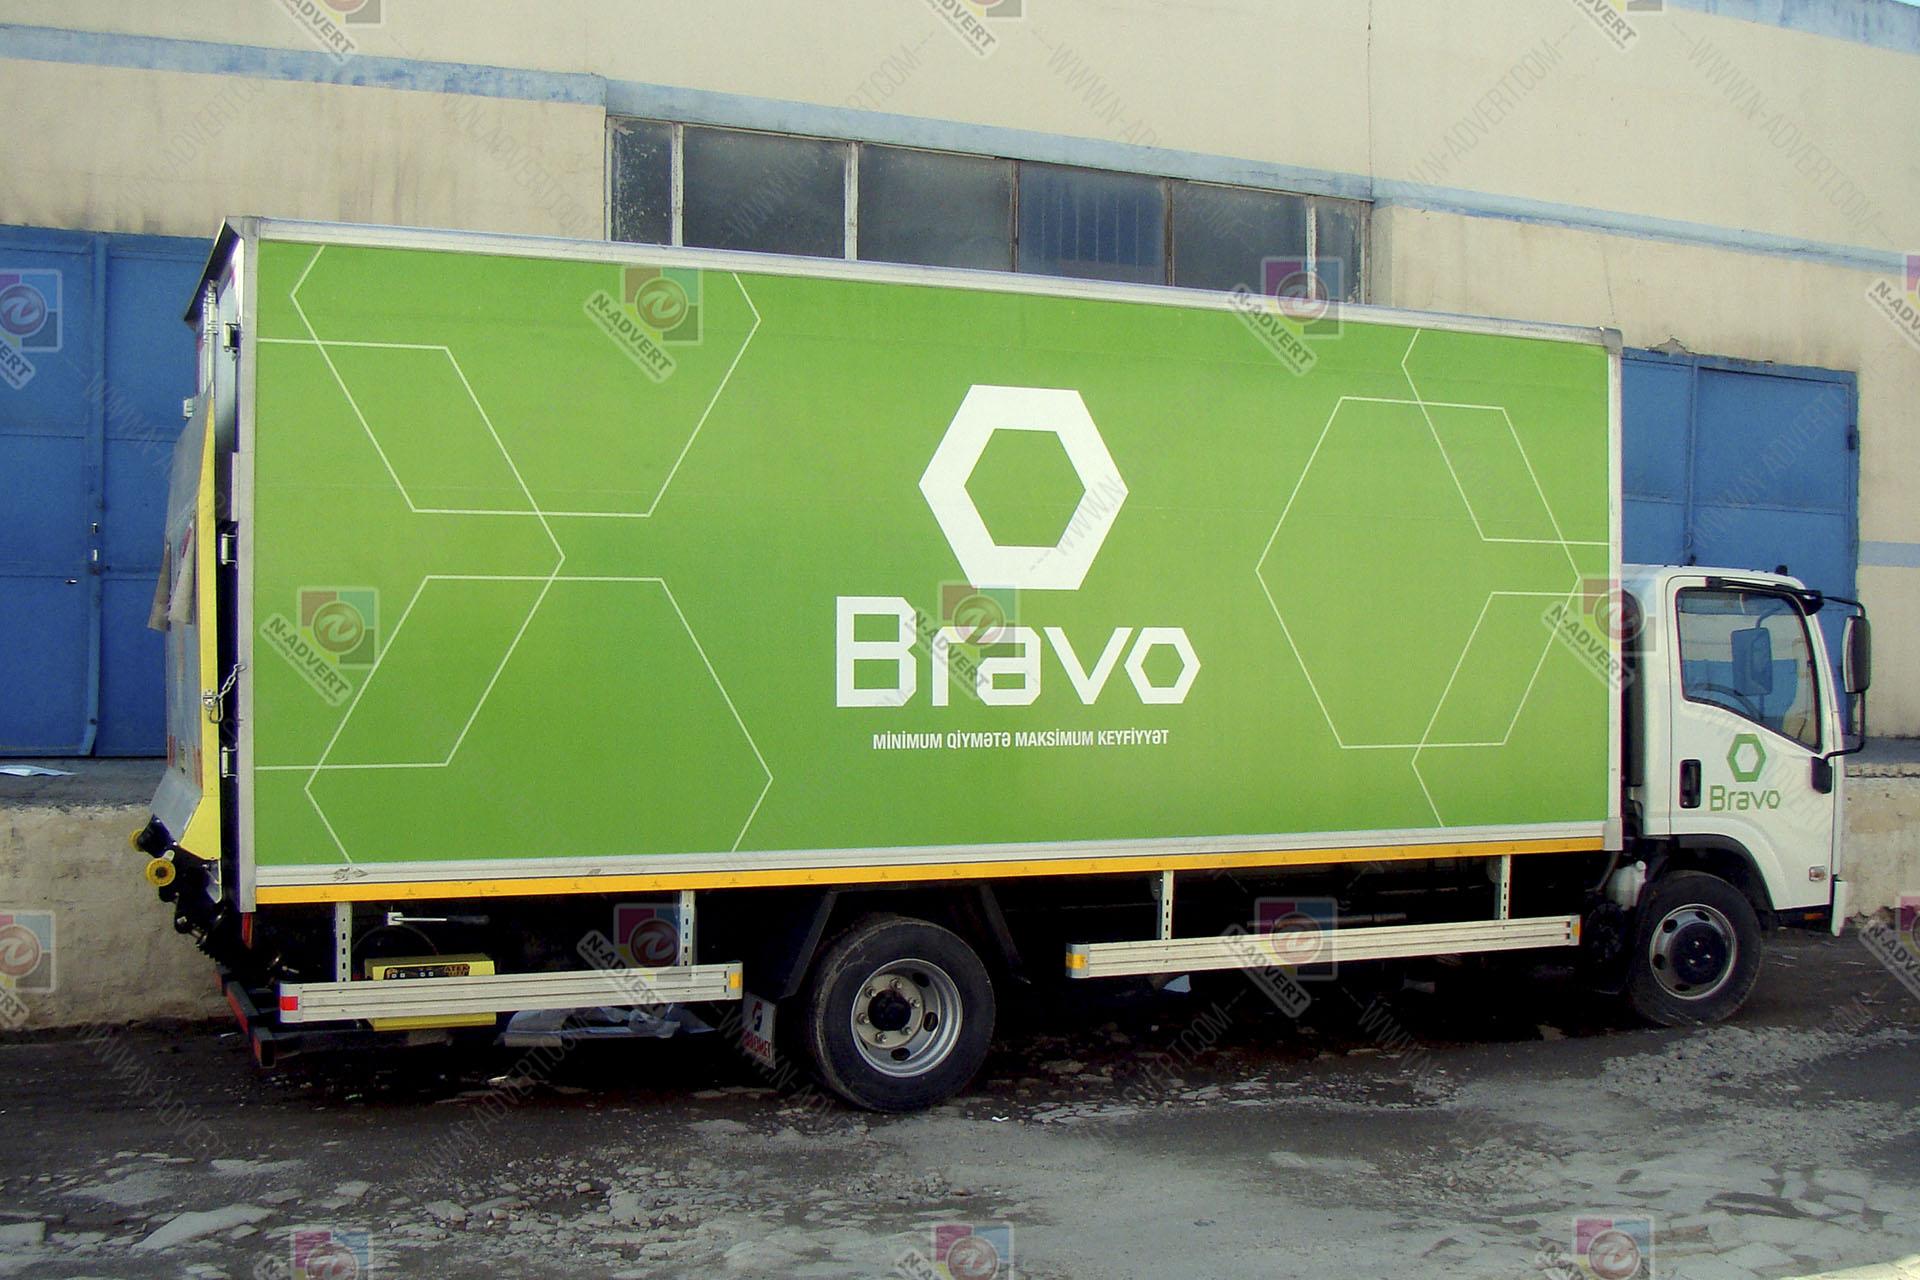 Bravo avto 1920x1280